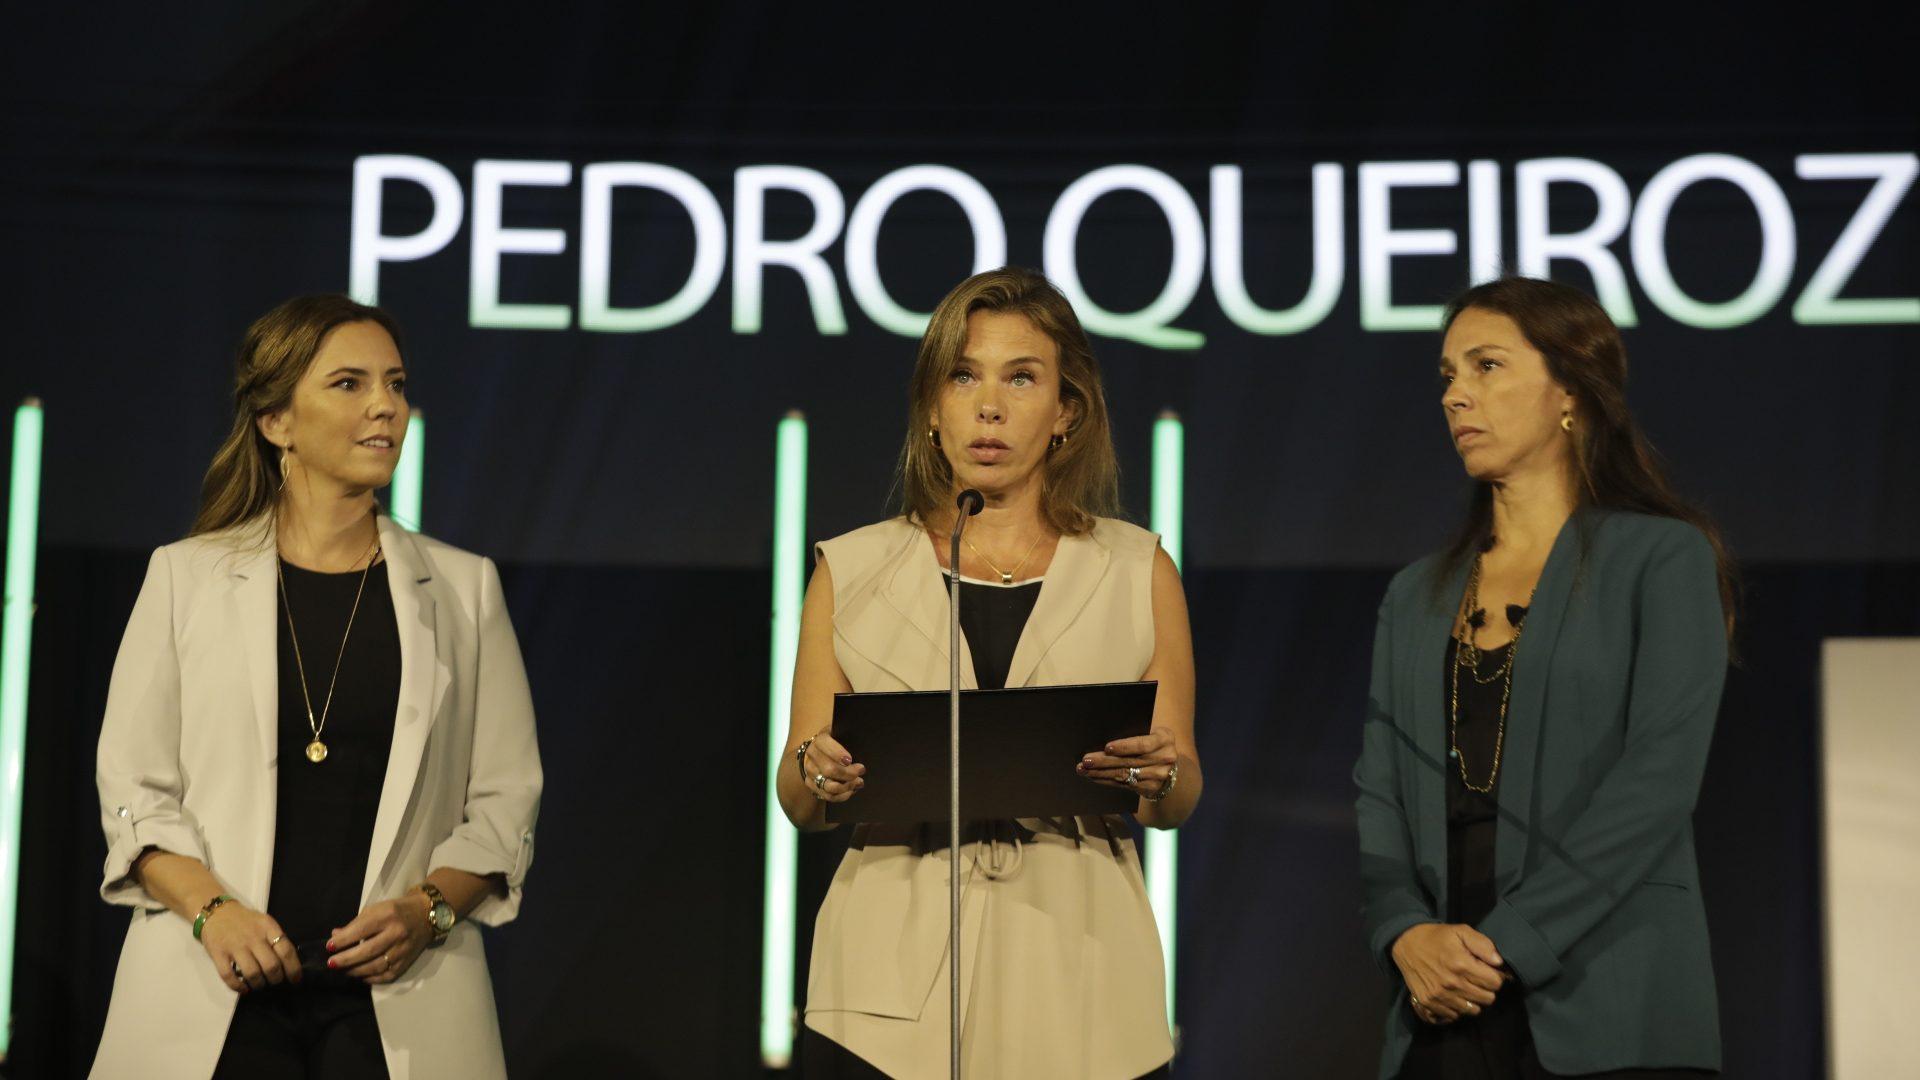 Pedro Queiroz Pereira homenageado com prémio carreira a título póstumo